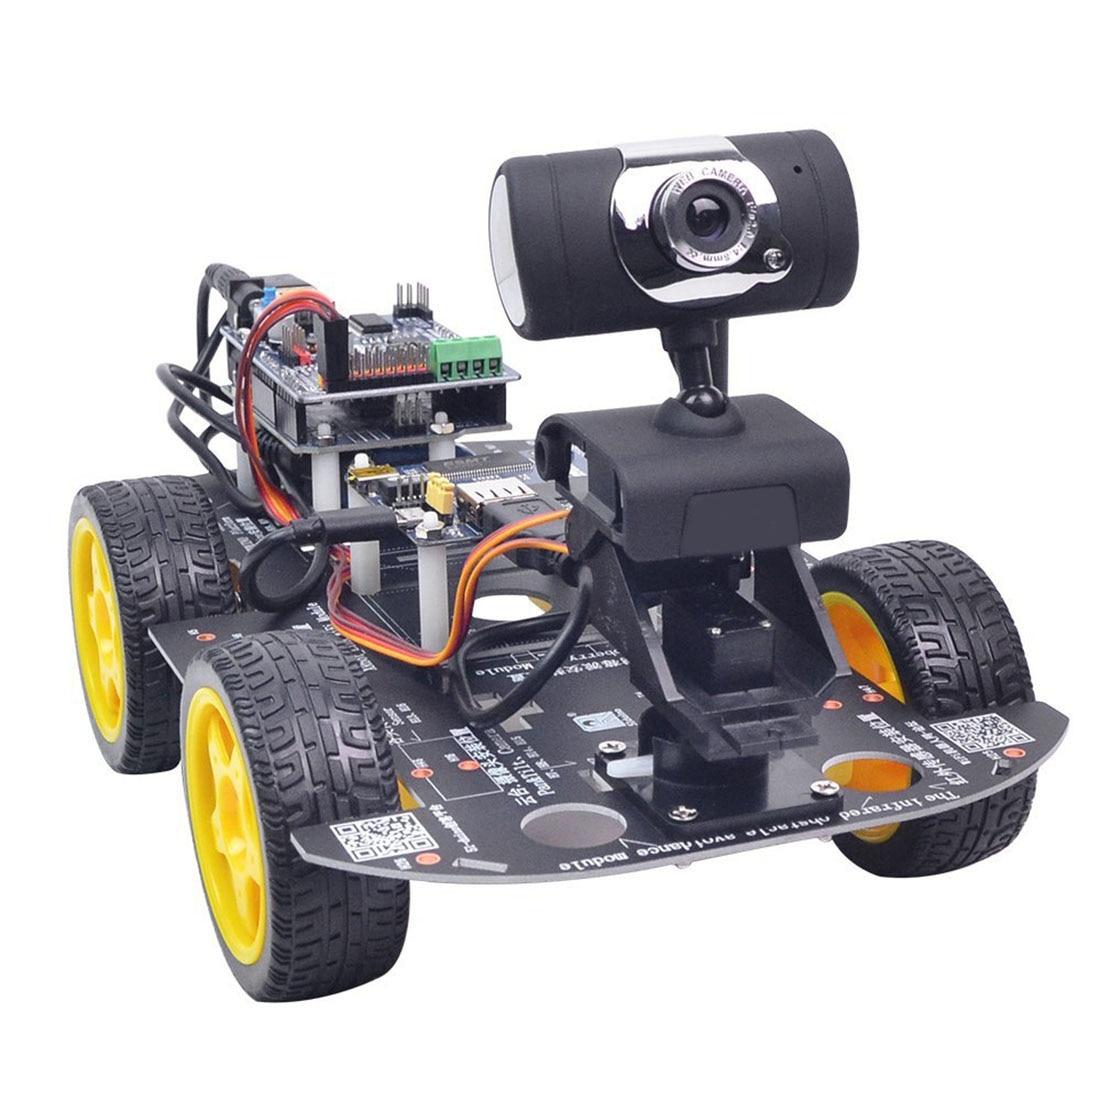 Jouet Robot Programmable bricolage Wifi voiture à vapeur avec programmation graphique XR bloc Linux pour Arduino UNO R3 (Version Standard)